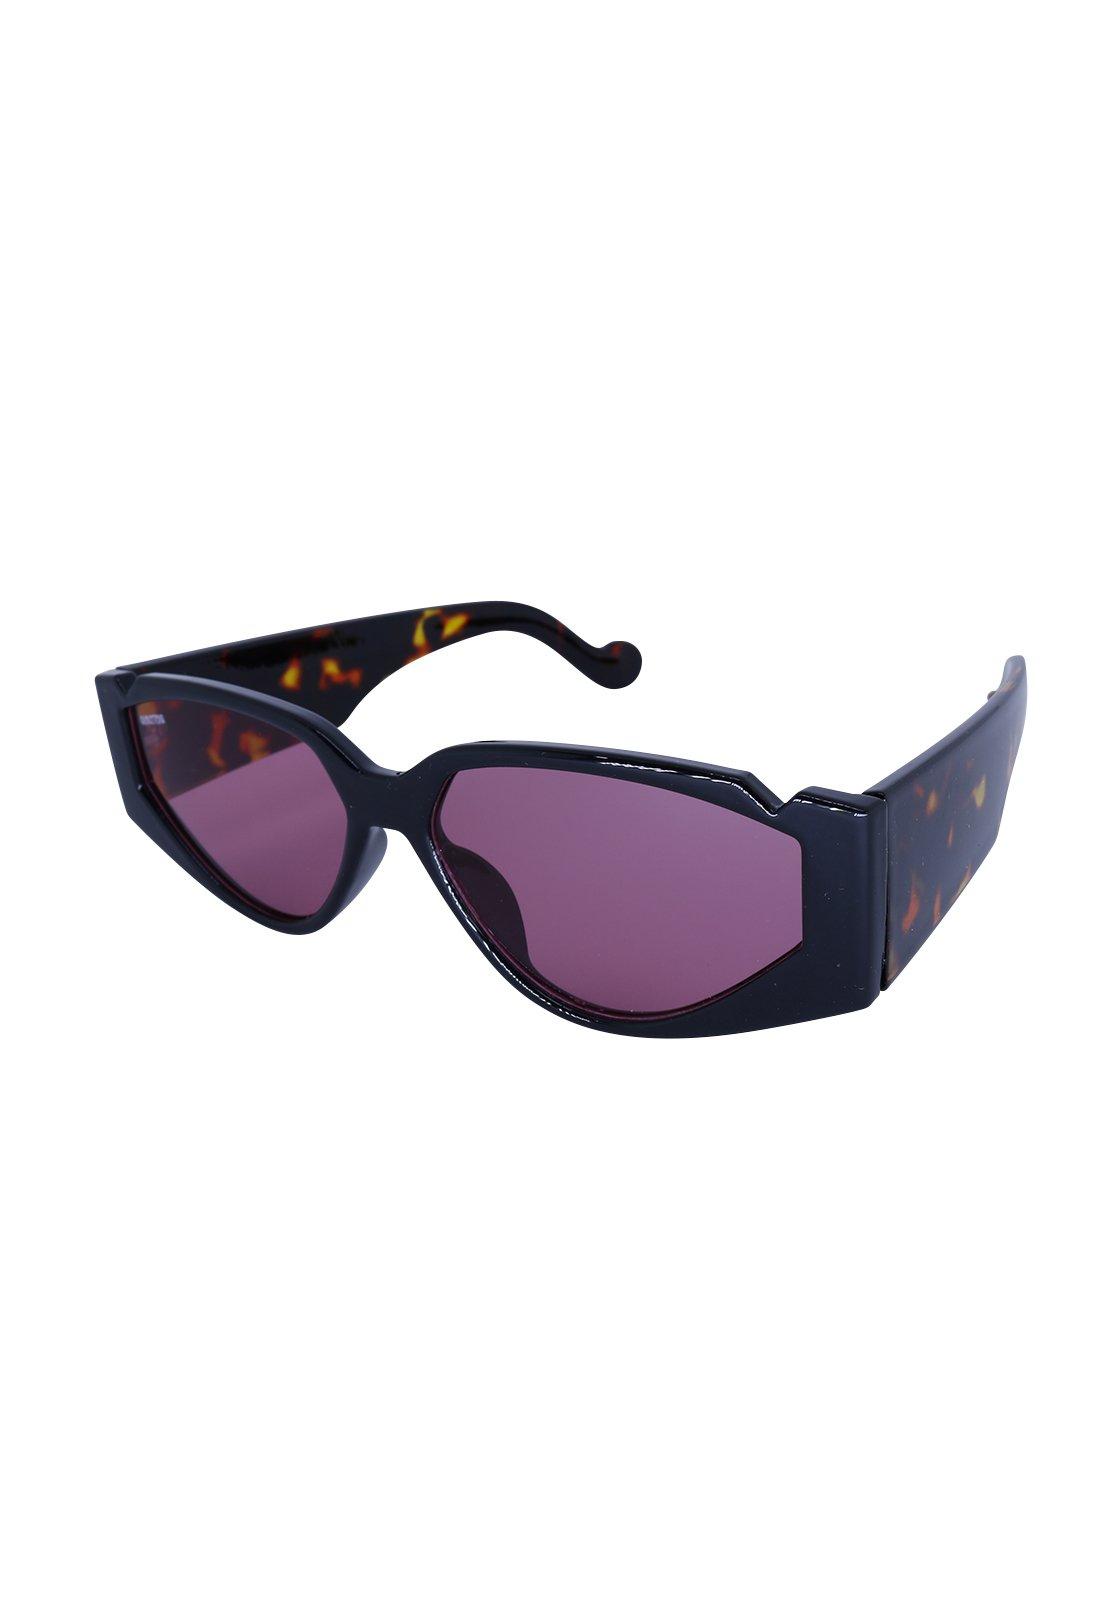 Óculos de Sol Grungetteria Jungle Preto